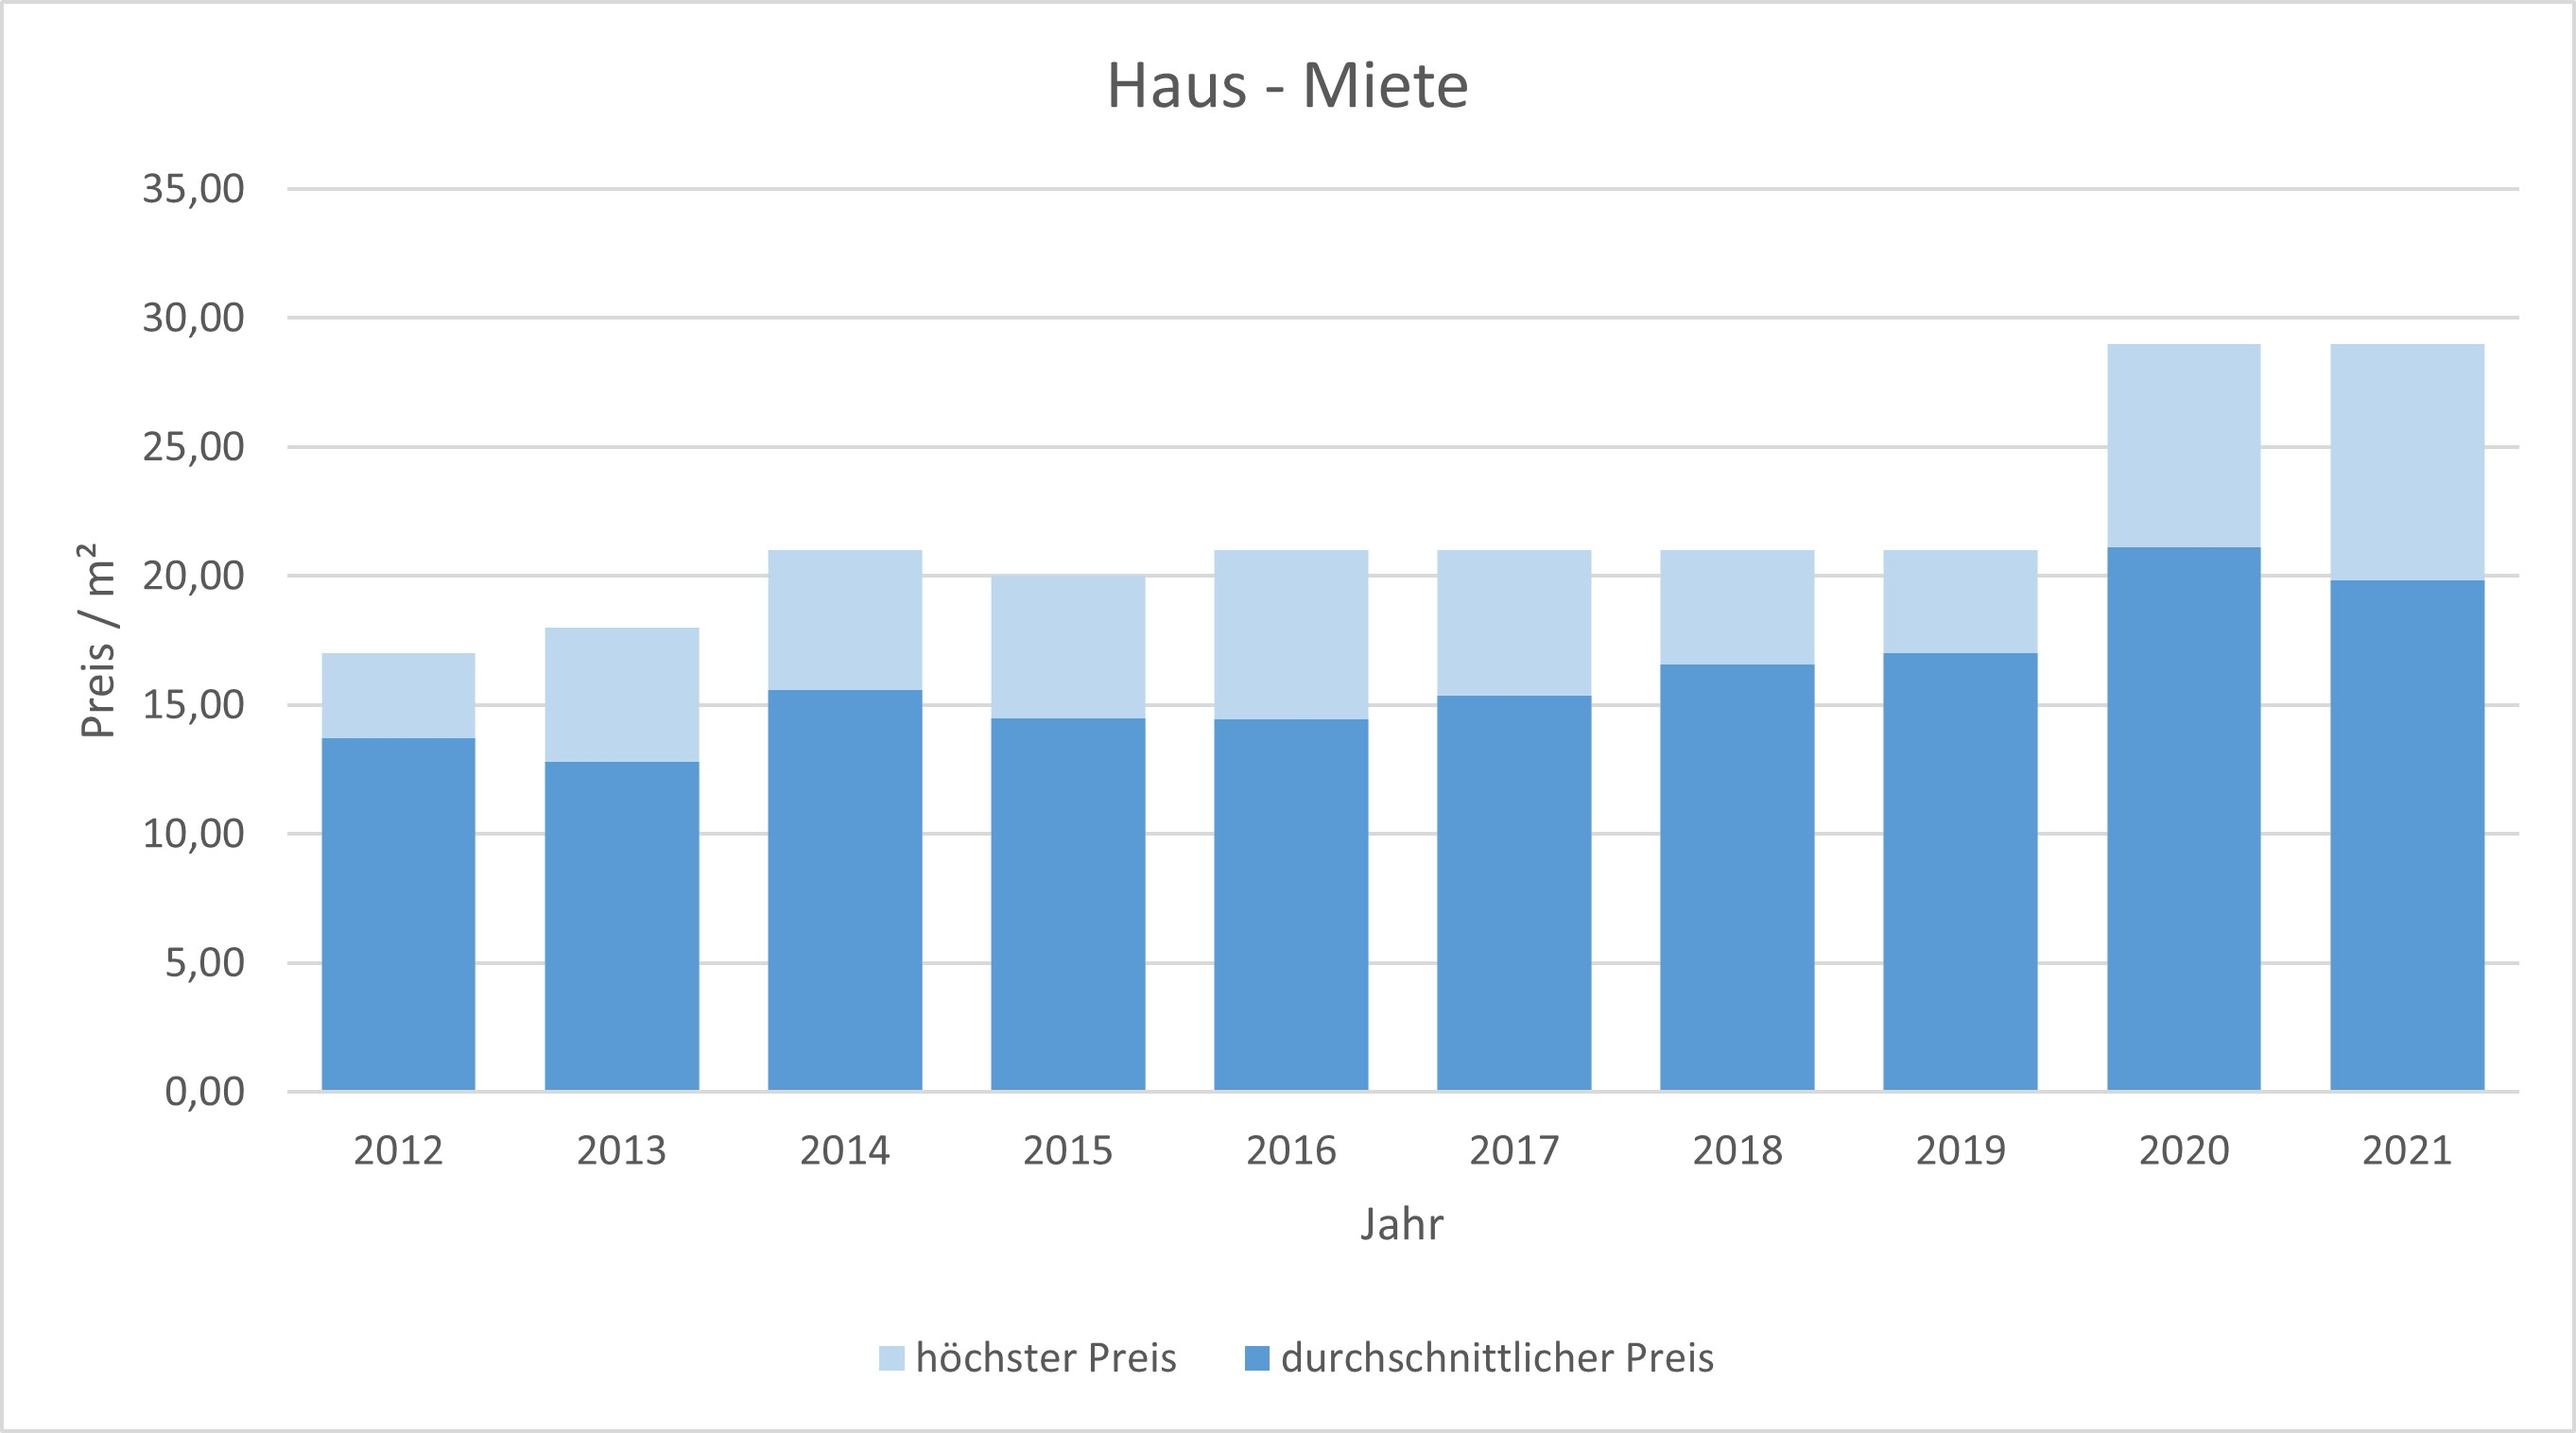 München - Obergiesing Haus mieten vermieten Preis Bewertung Makler 2019 2020 2021 www.happy-immo.de